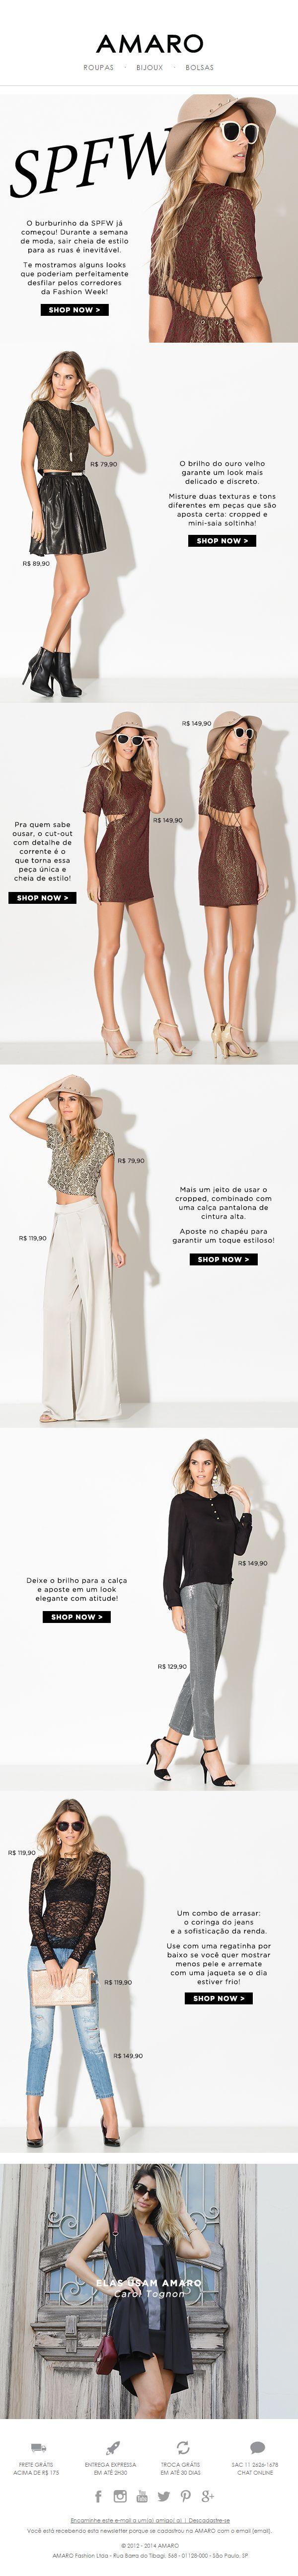 Newsletter AMARO AMARO Fashion SPFW